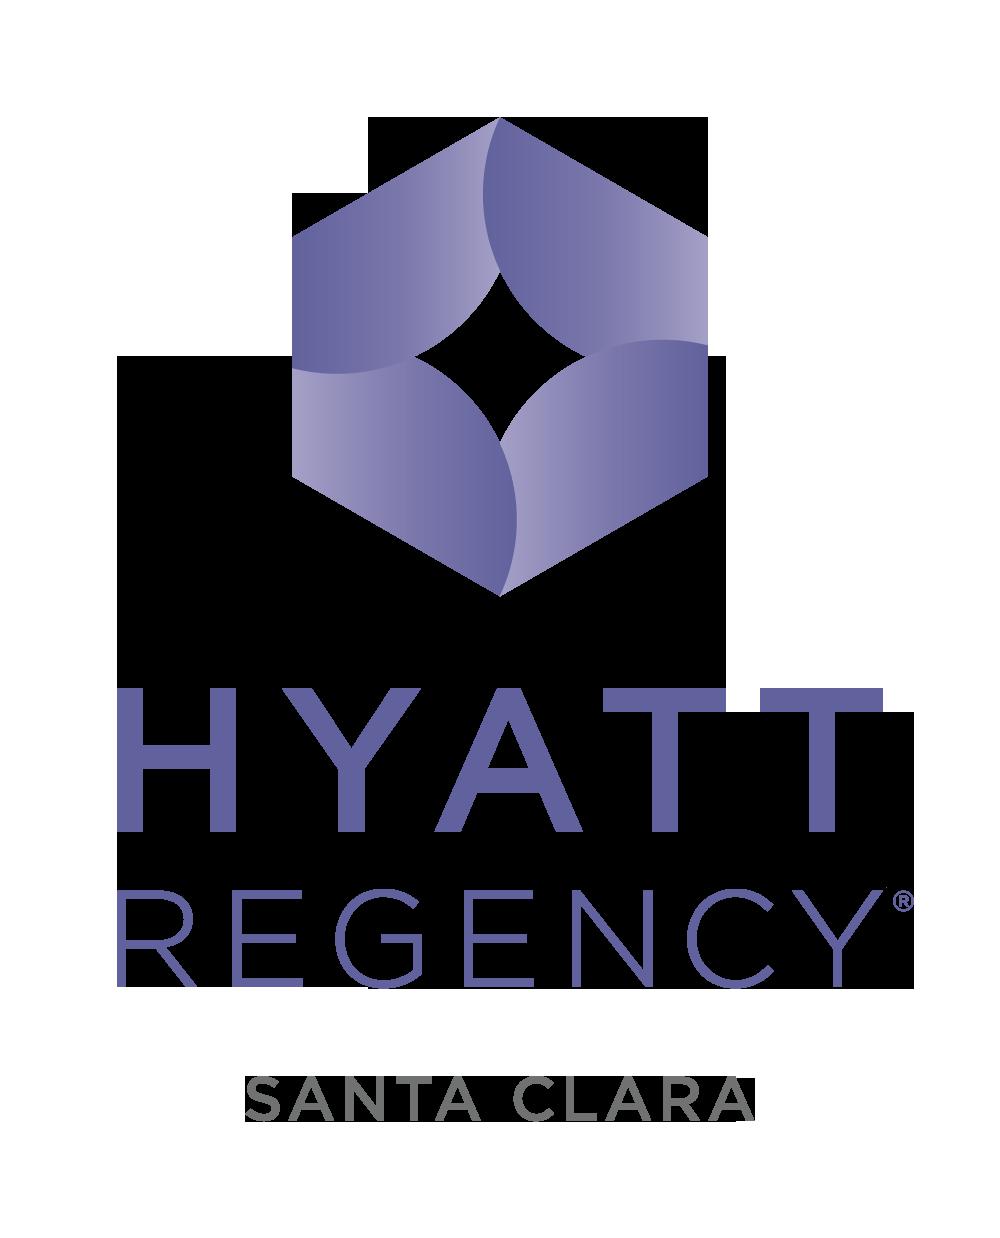 Hyatt Regency Santa Clara logo